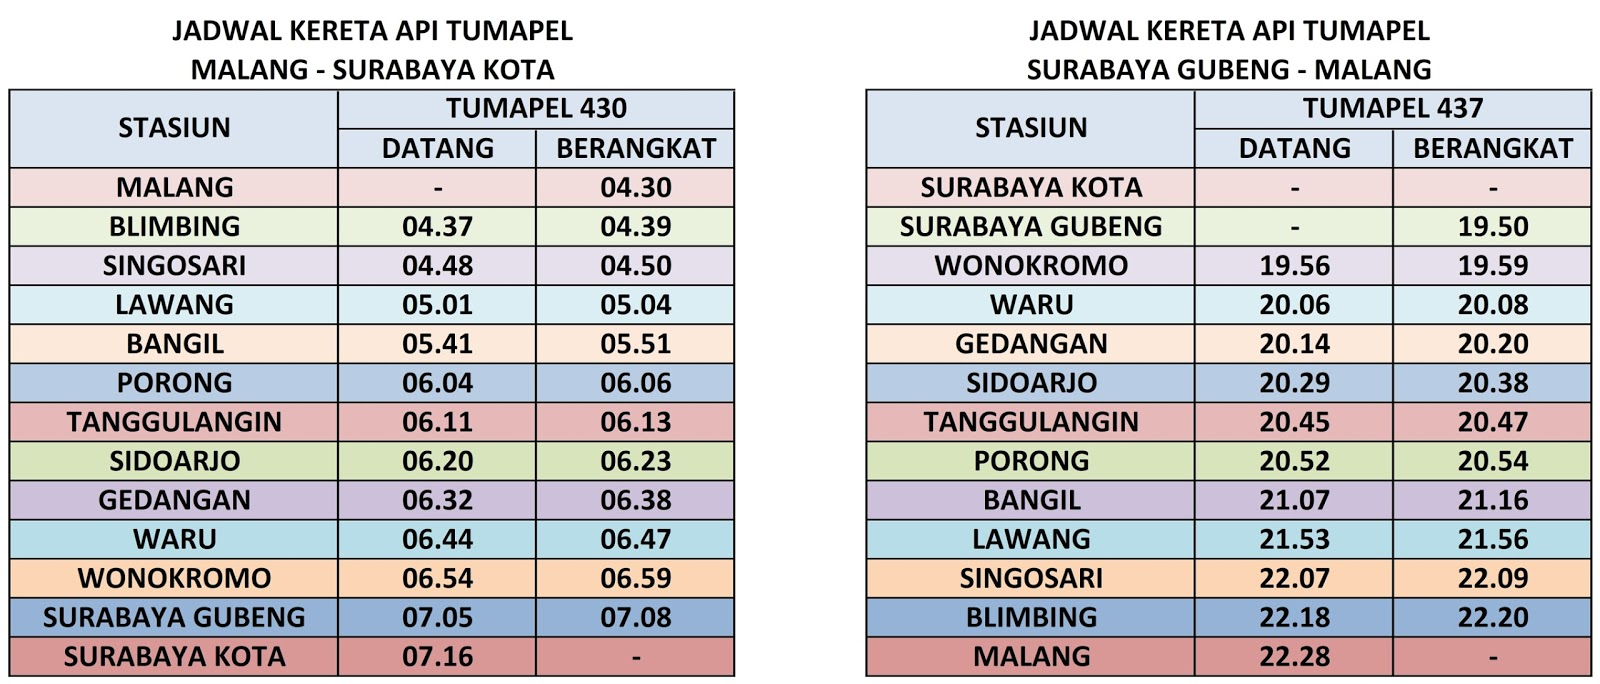 jadwal kereta api tumapel malang surabaya pp rh javaneselocaltrainschedule blogspot com